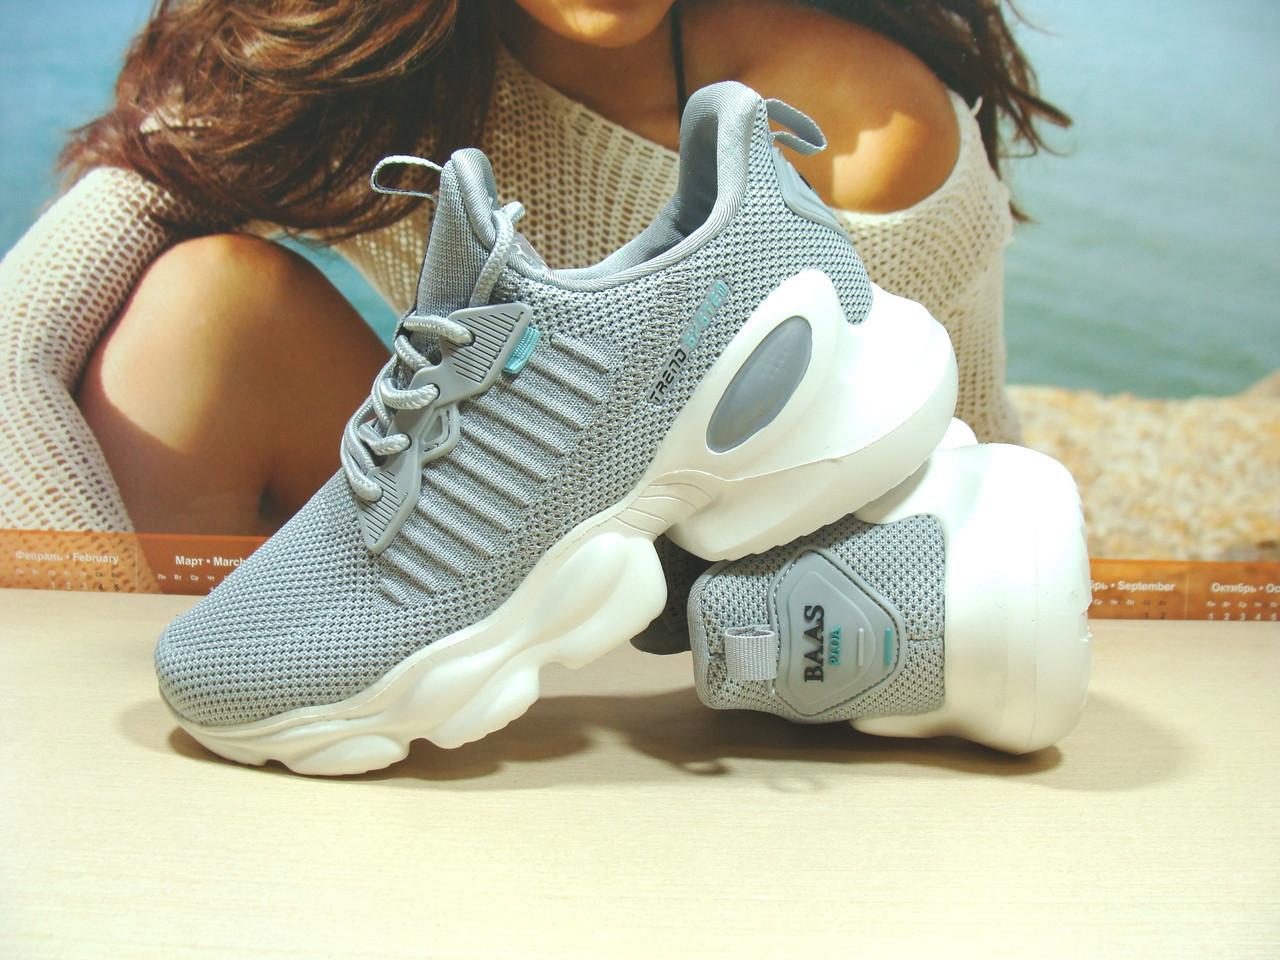 Жіночі кросівки BaaS Trend System - 2 сірі 41 р.